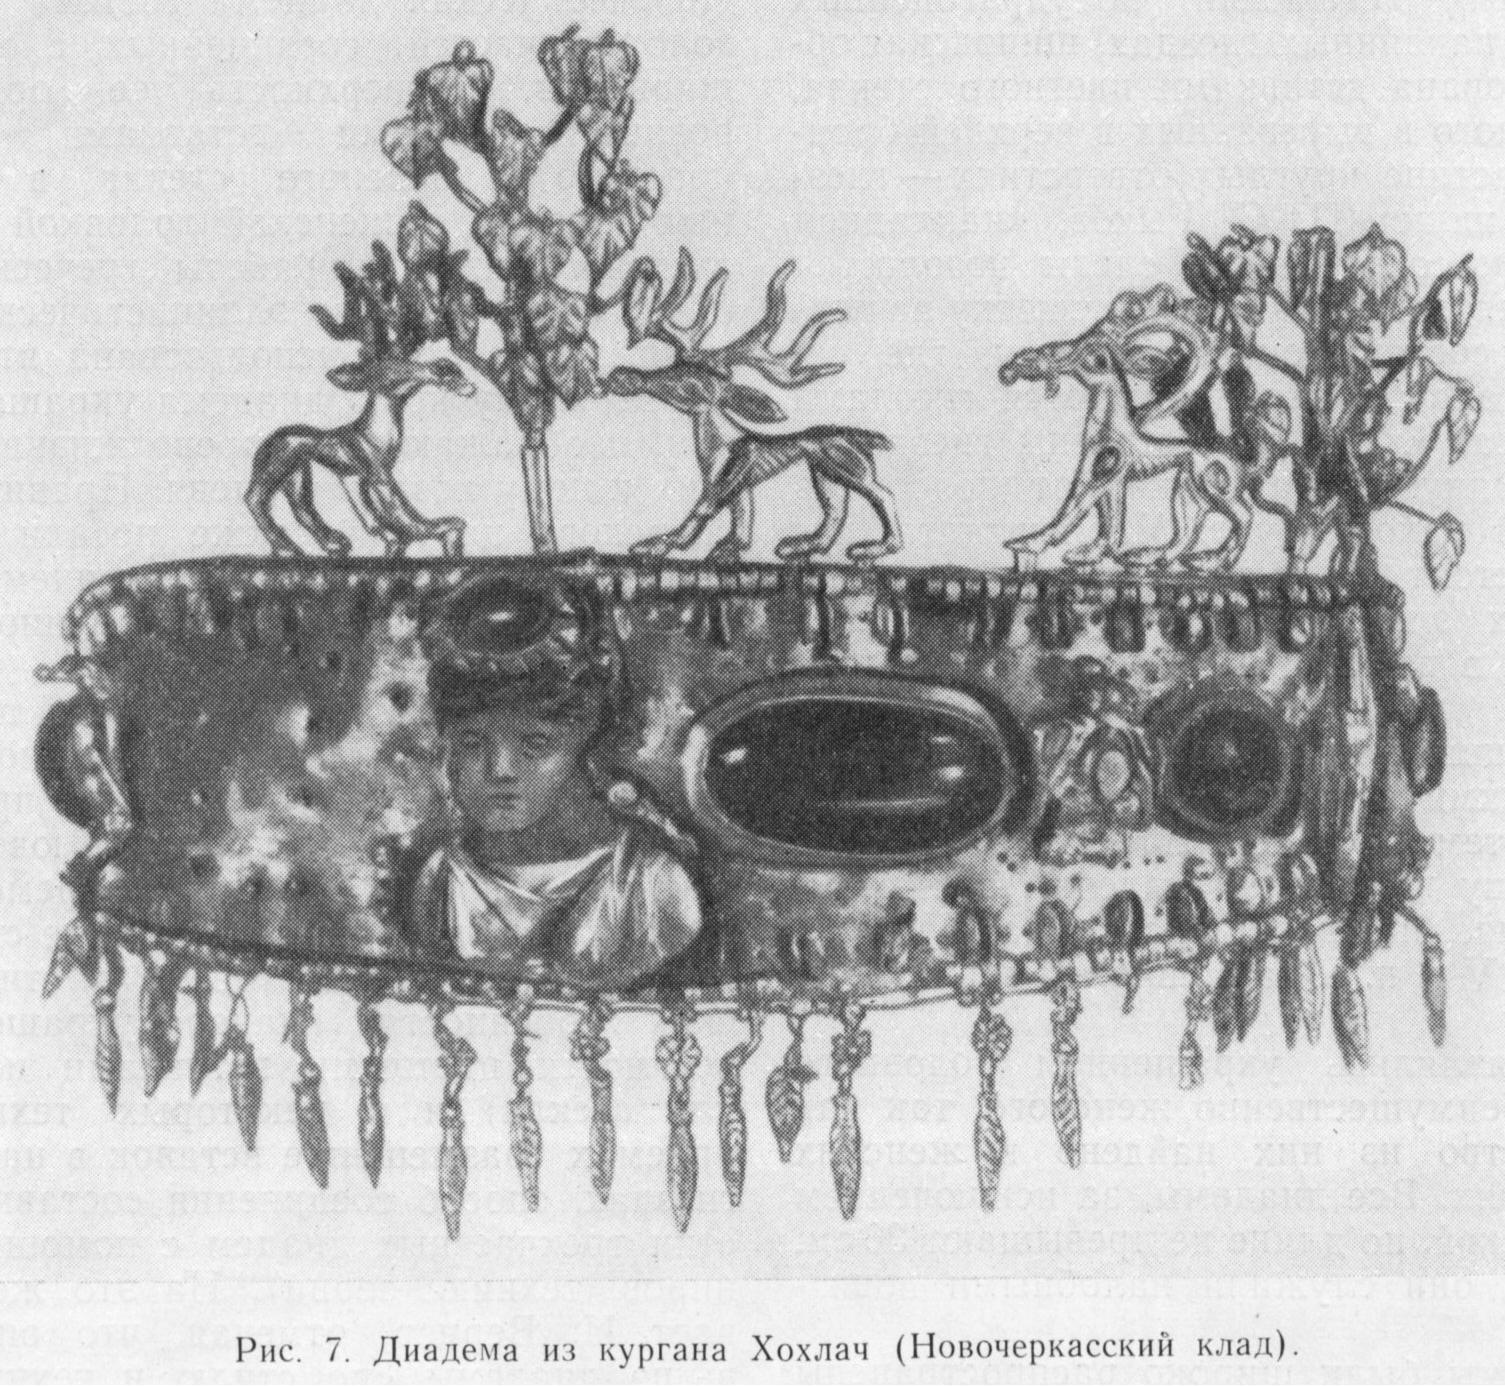 И.п. засецкая, 1968.